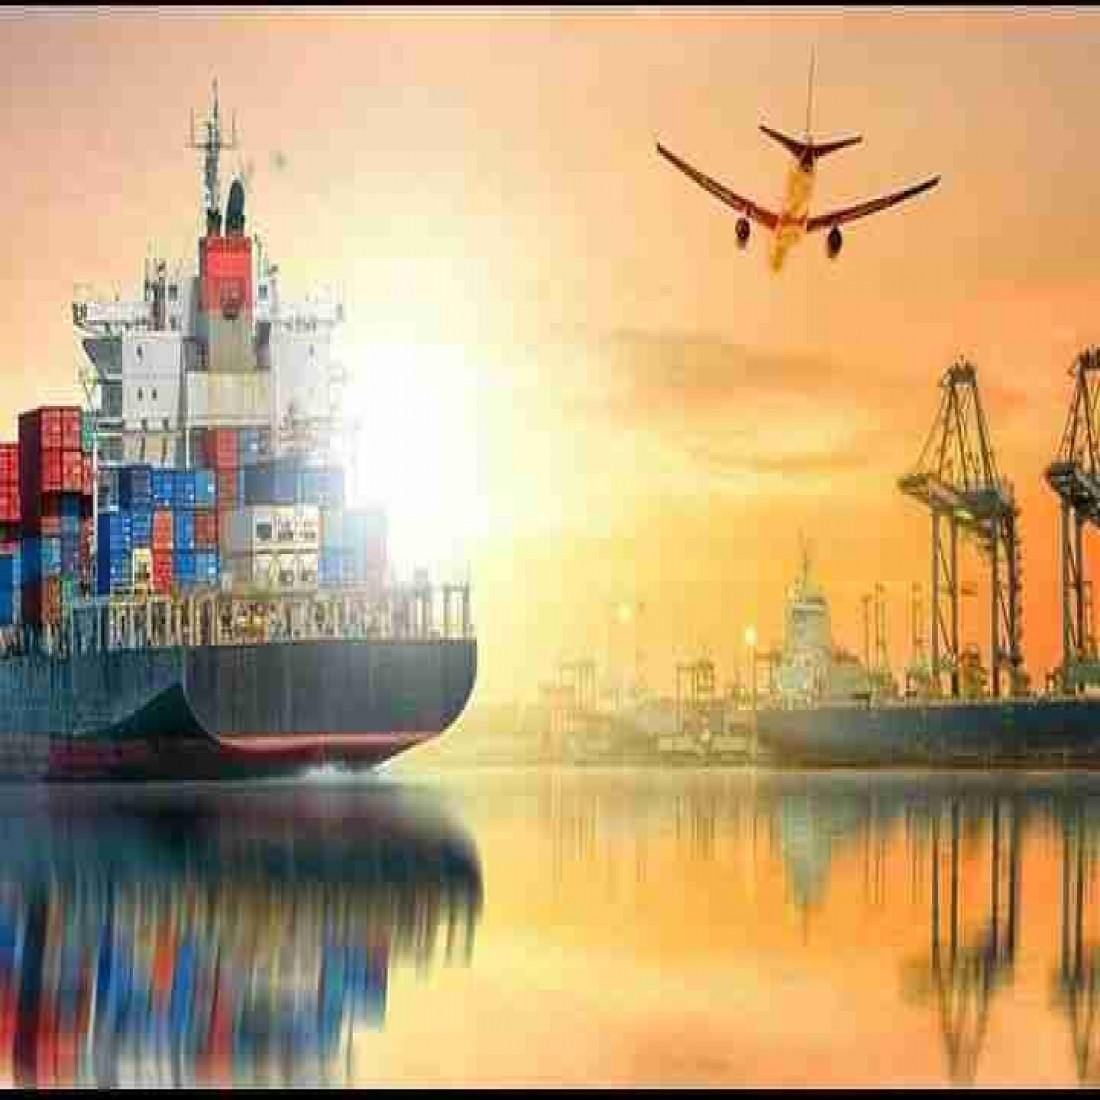 شرکت حمل و نقل بین المللی دریایی  ستاره ، اسپادانا